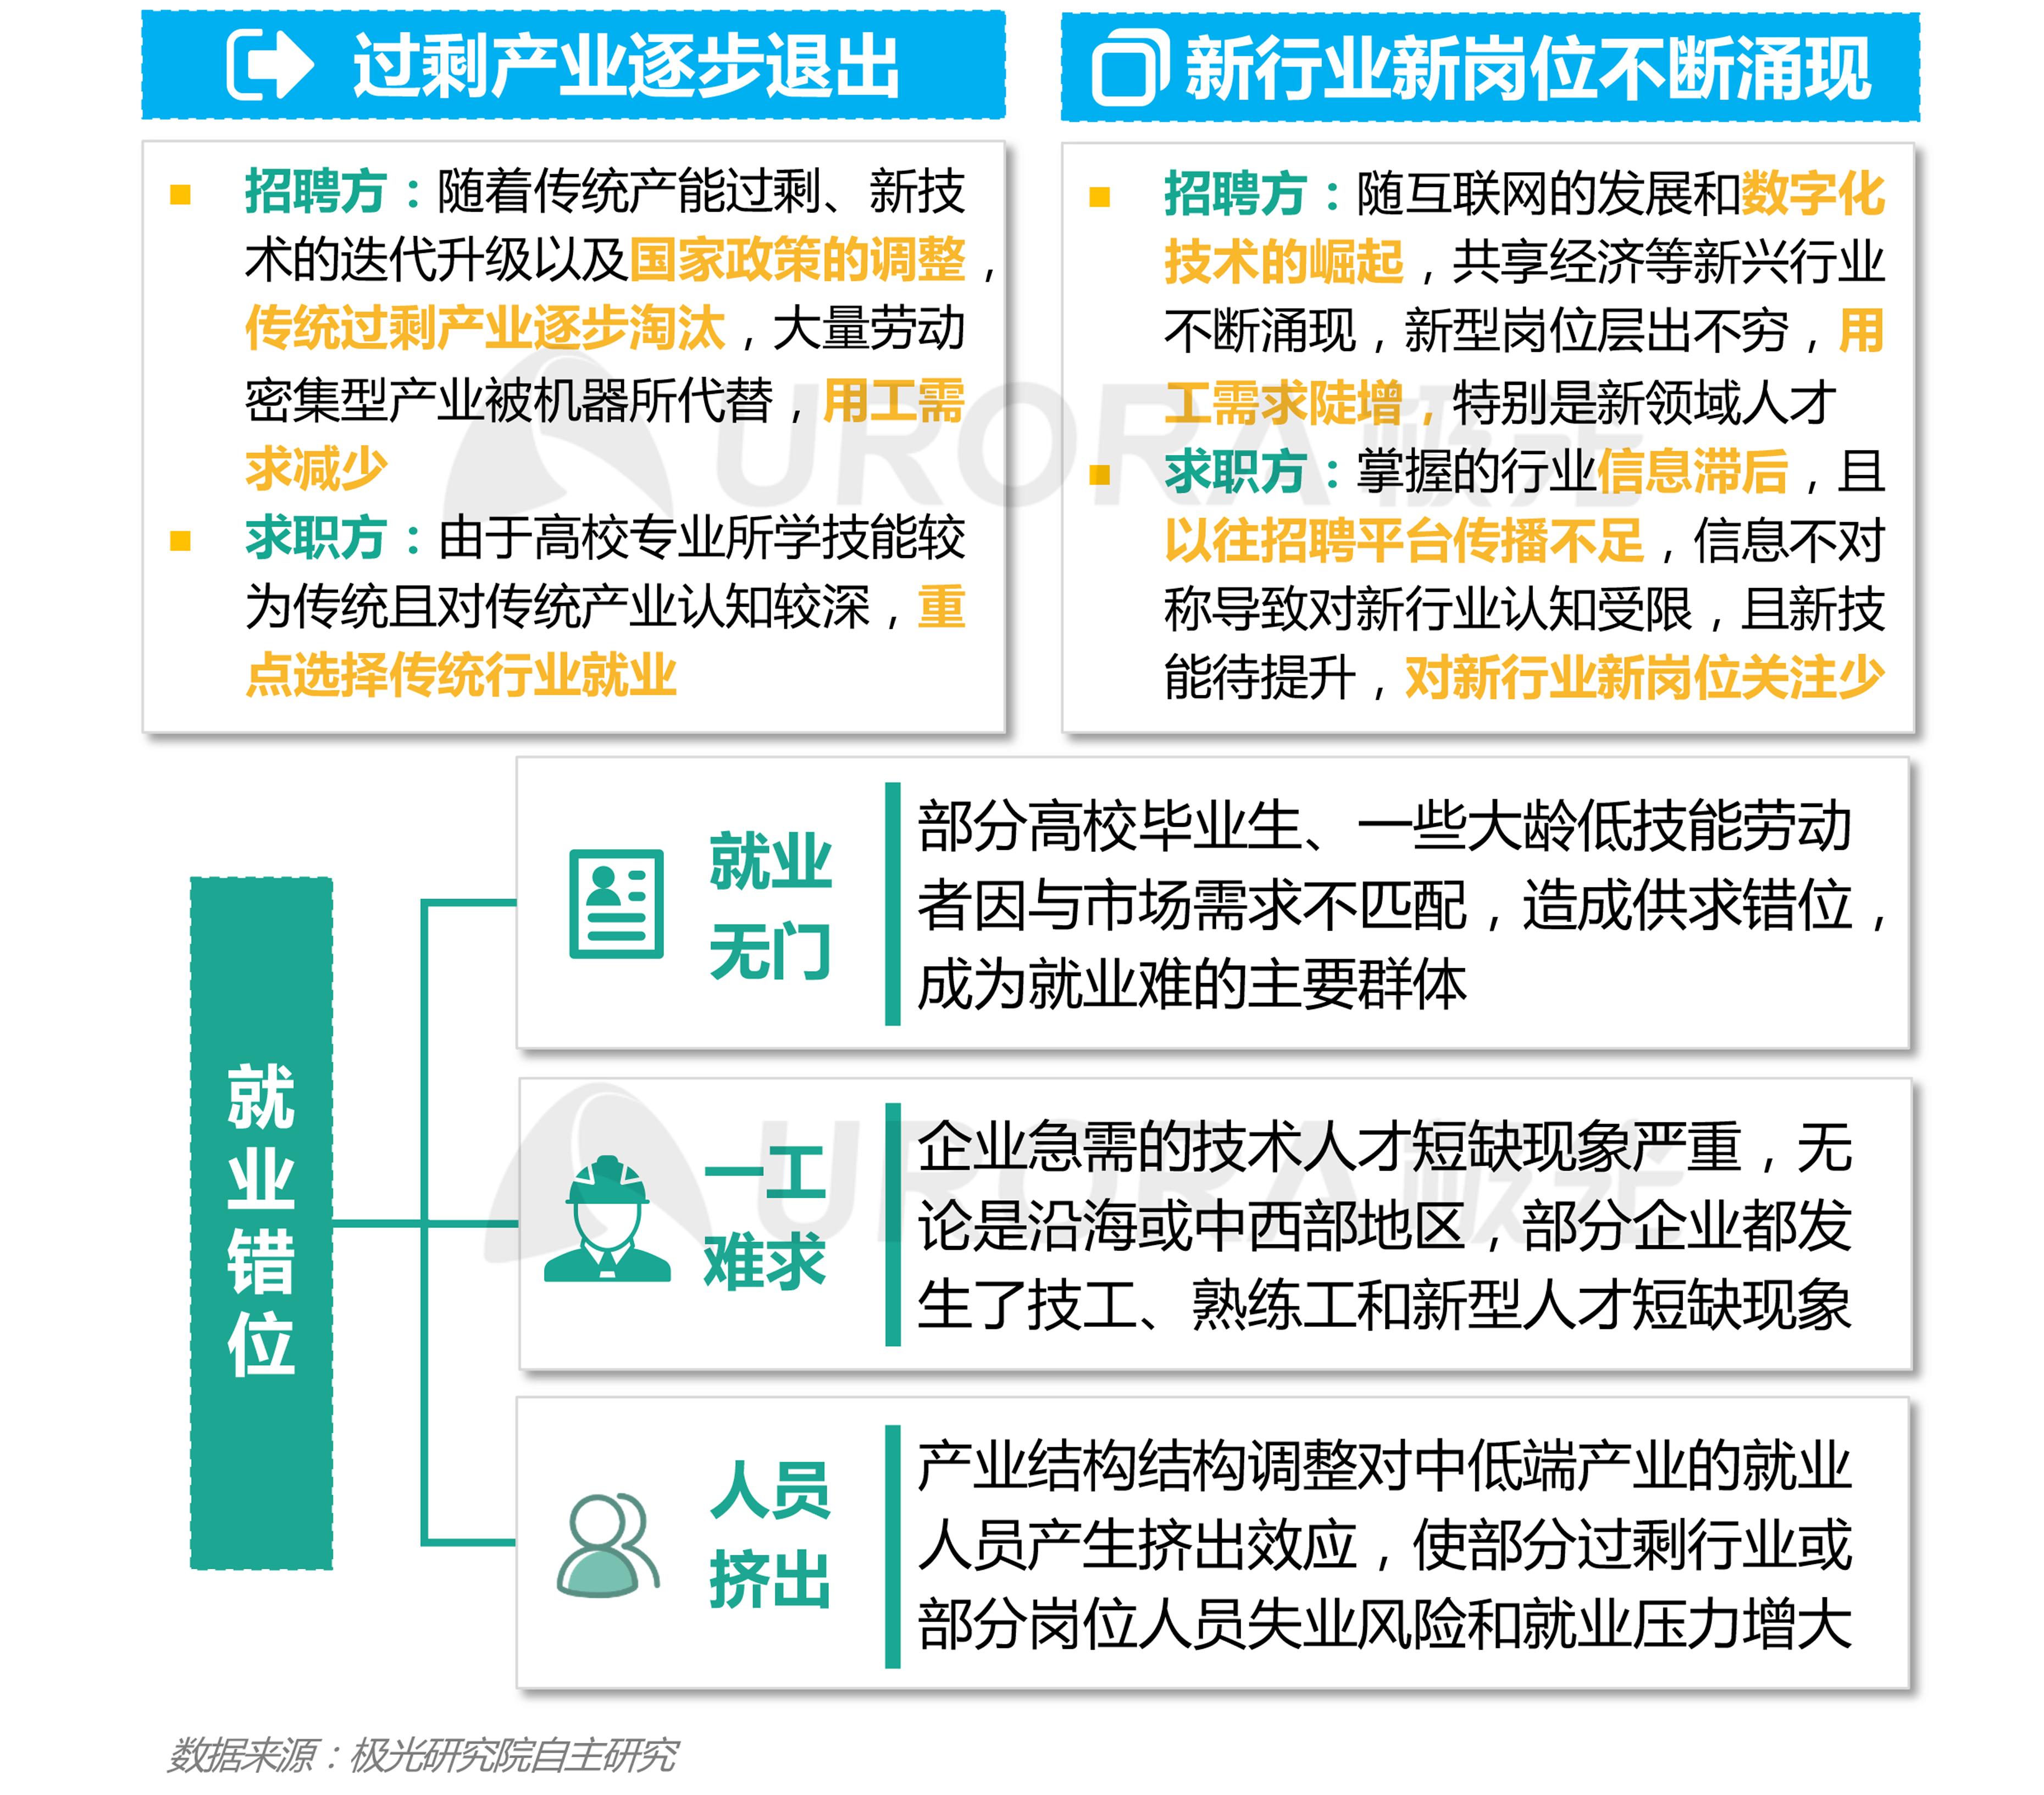 """""""超职季""""招聘行业报告-汇总版 (7).png"""